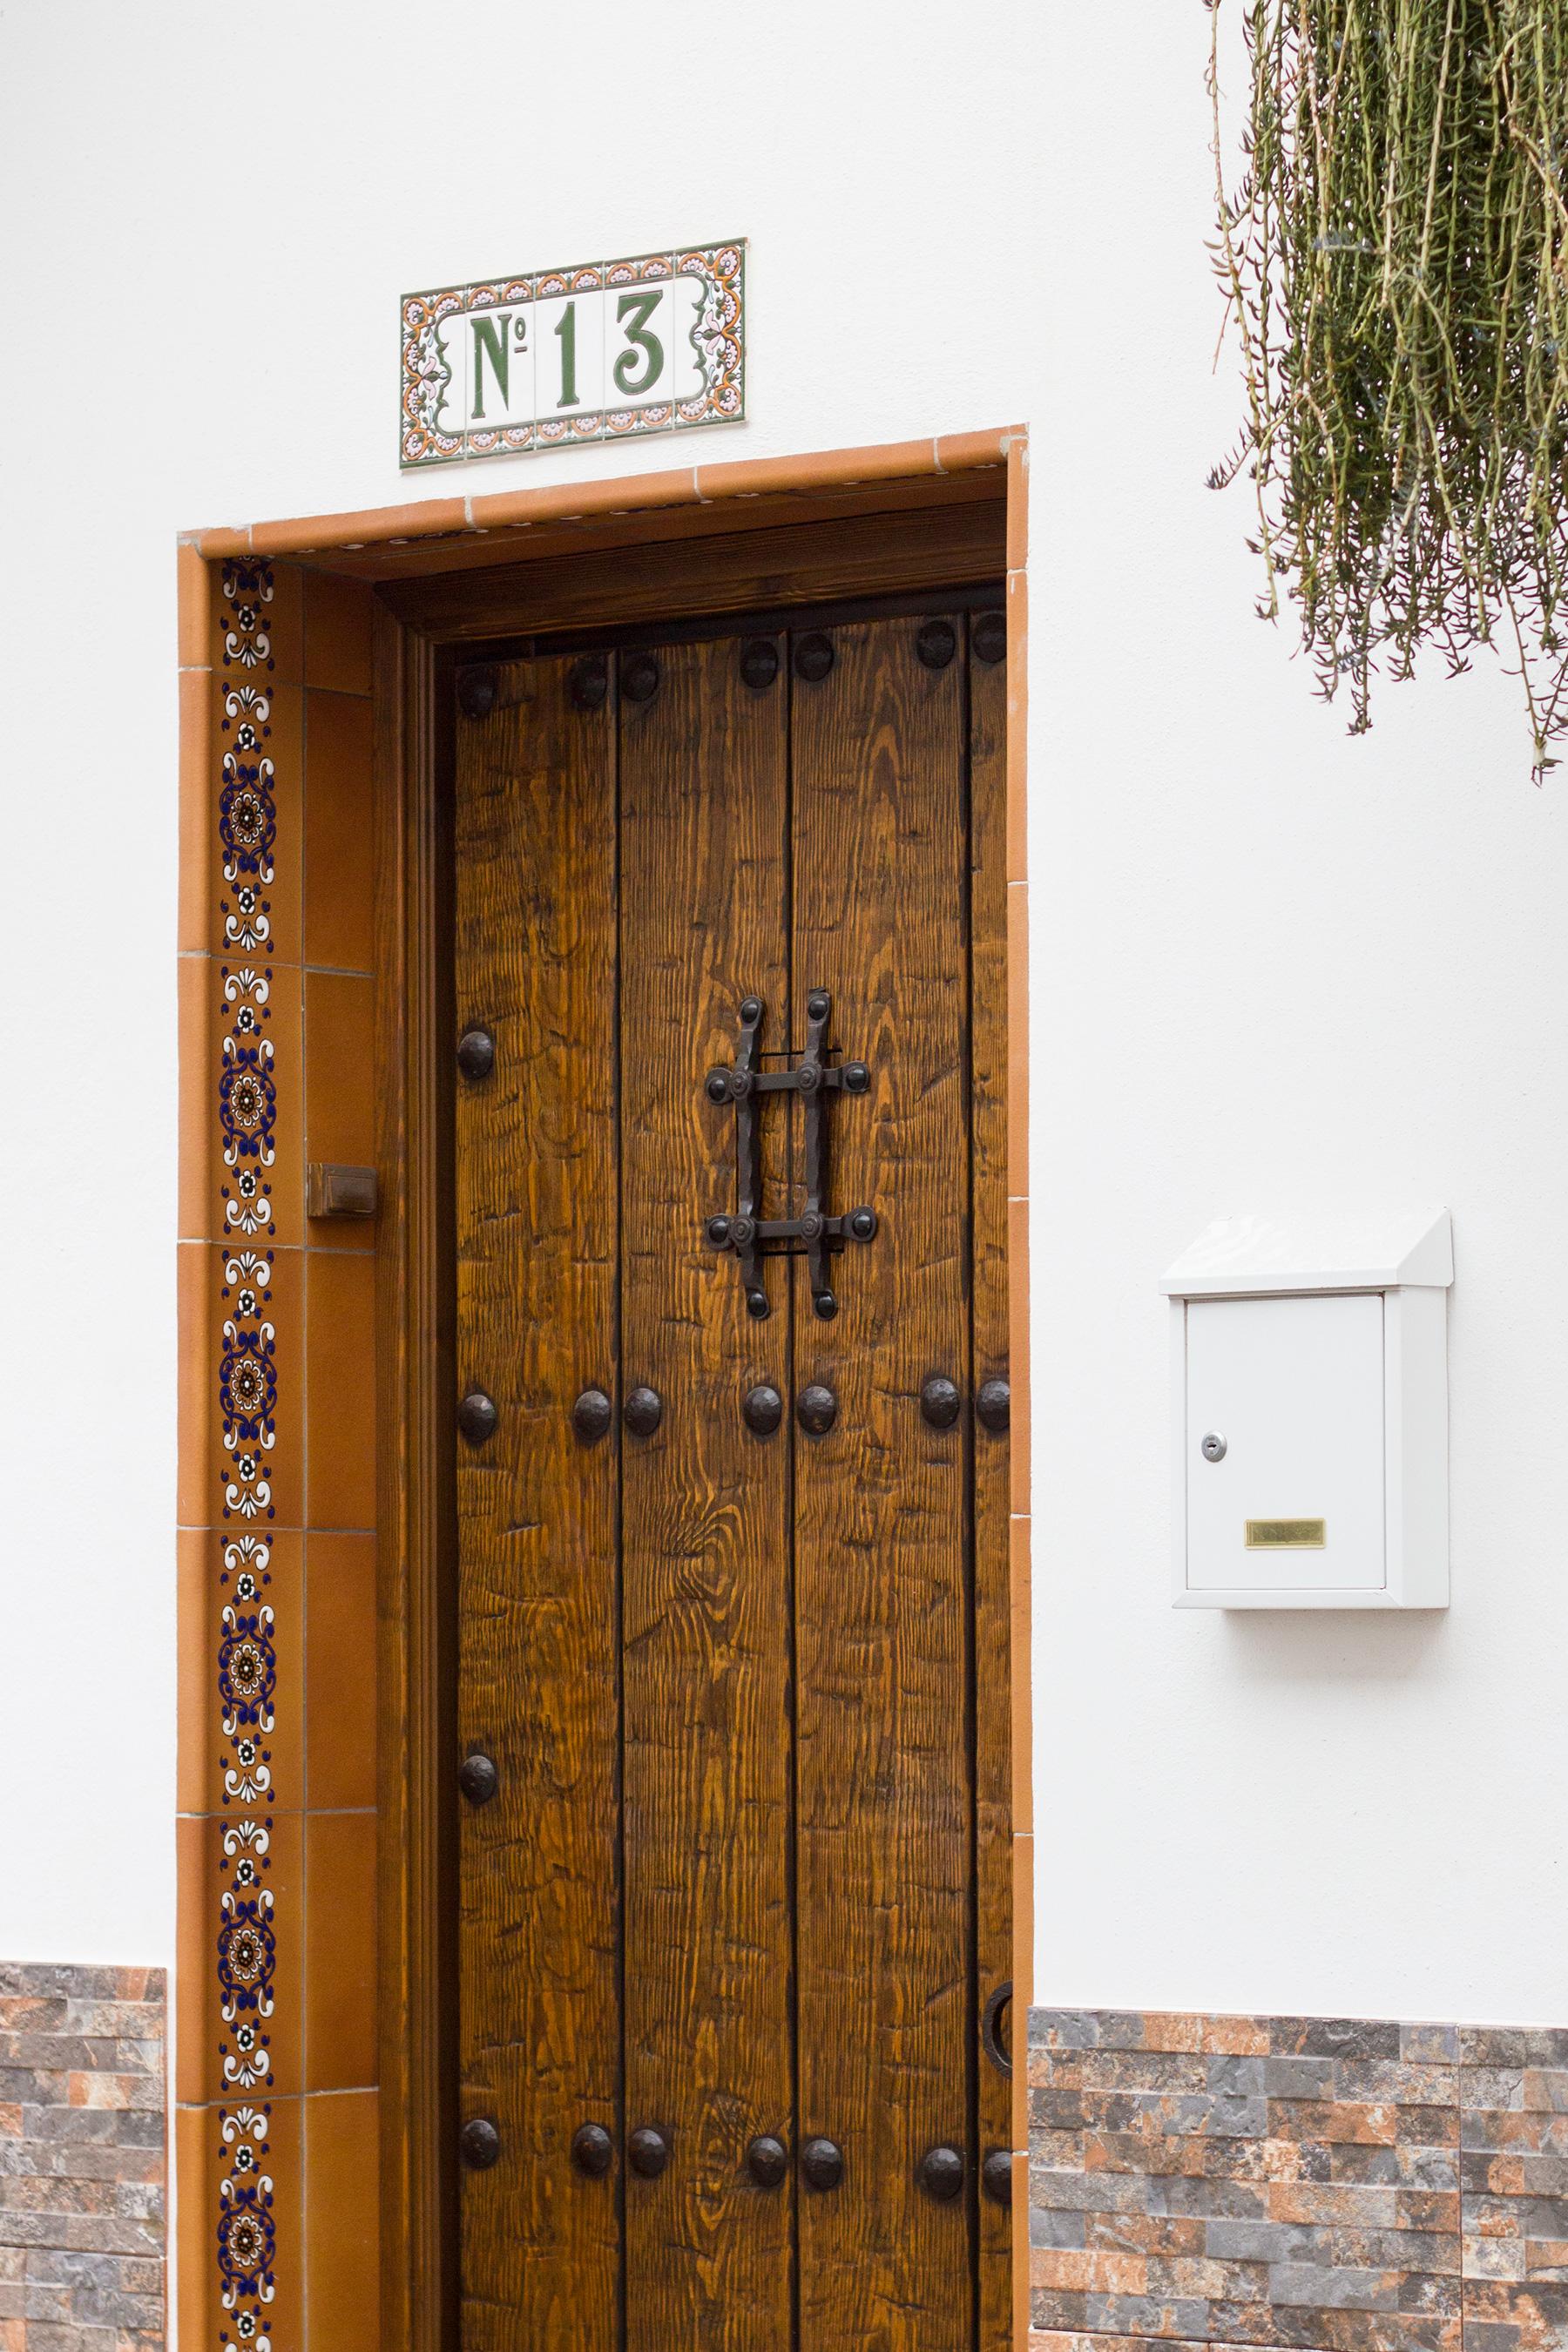 hashtag-door-spanish-architecture